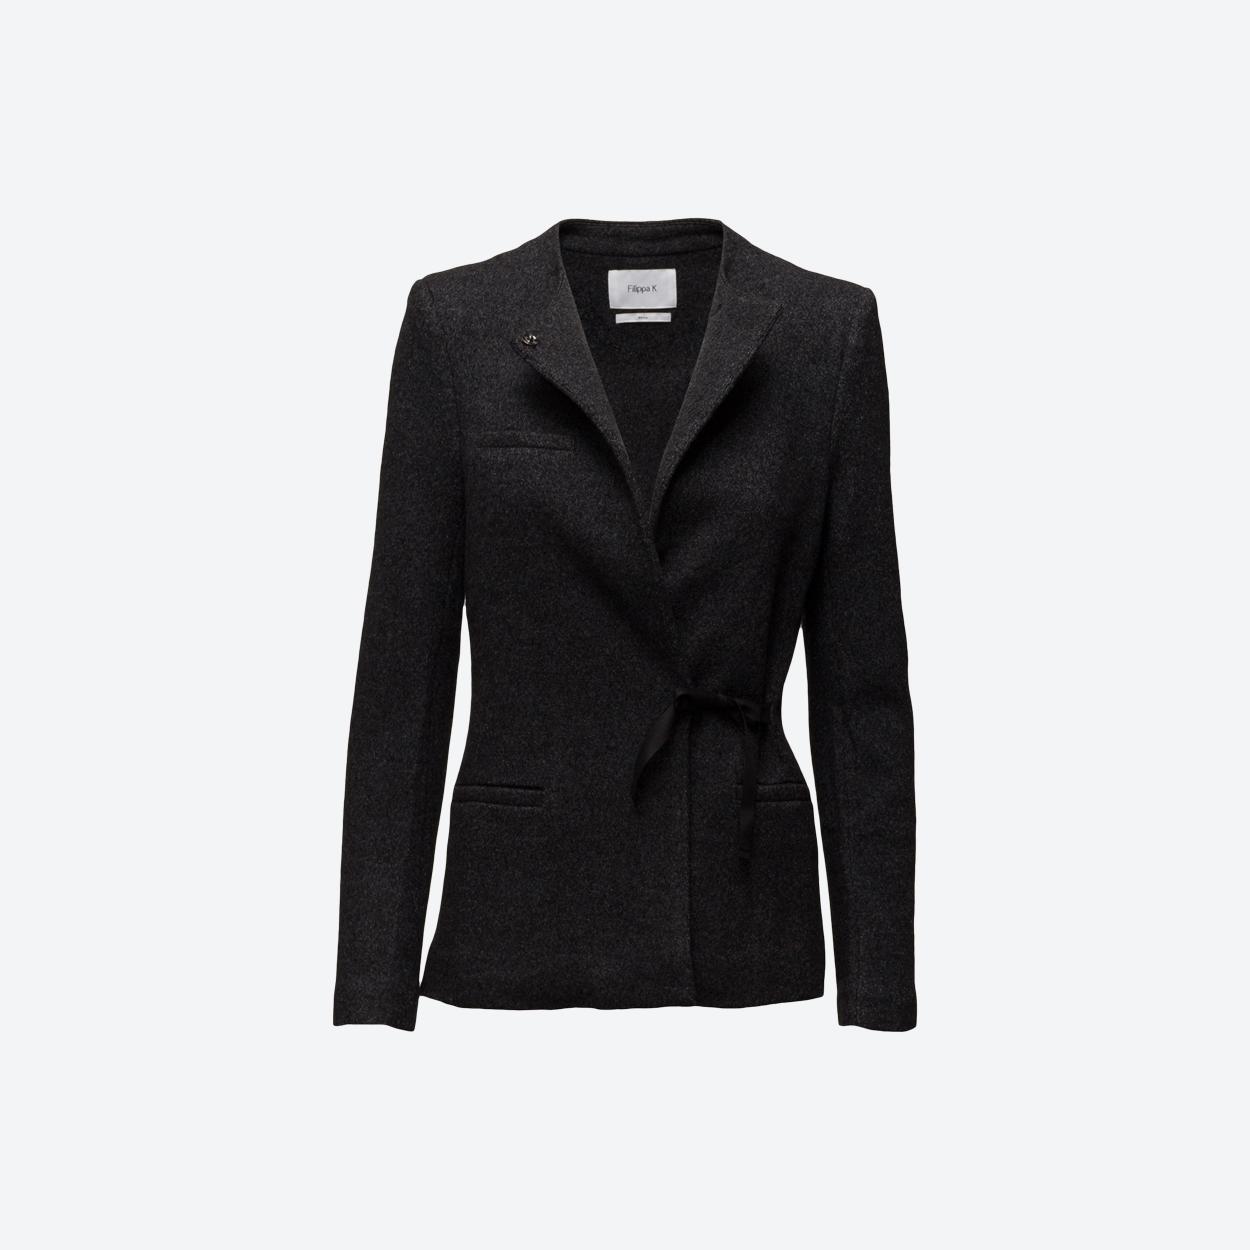 Filippa K Boiled Wool Jersey Jacket